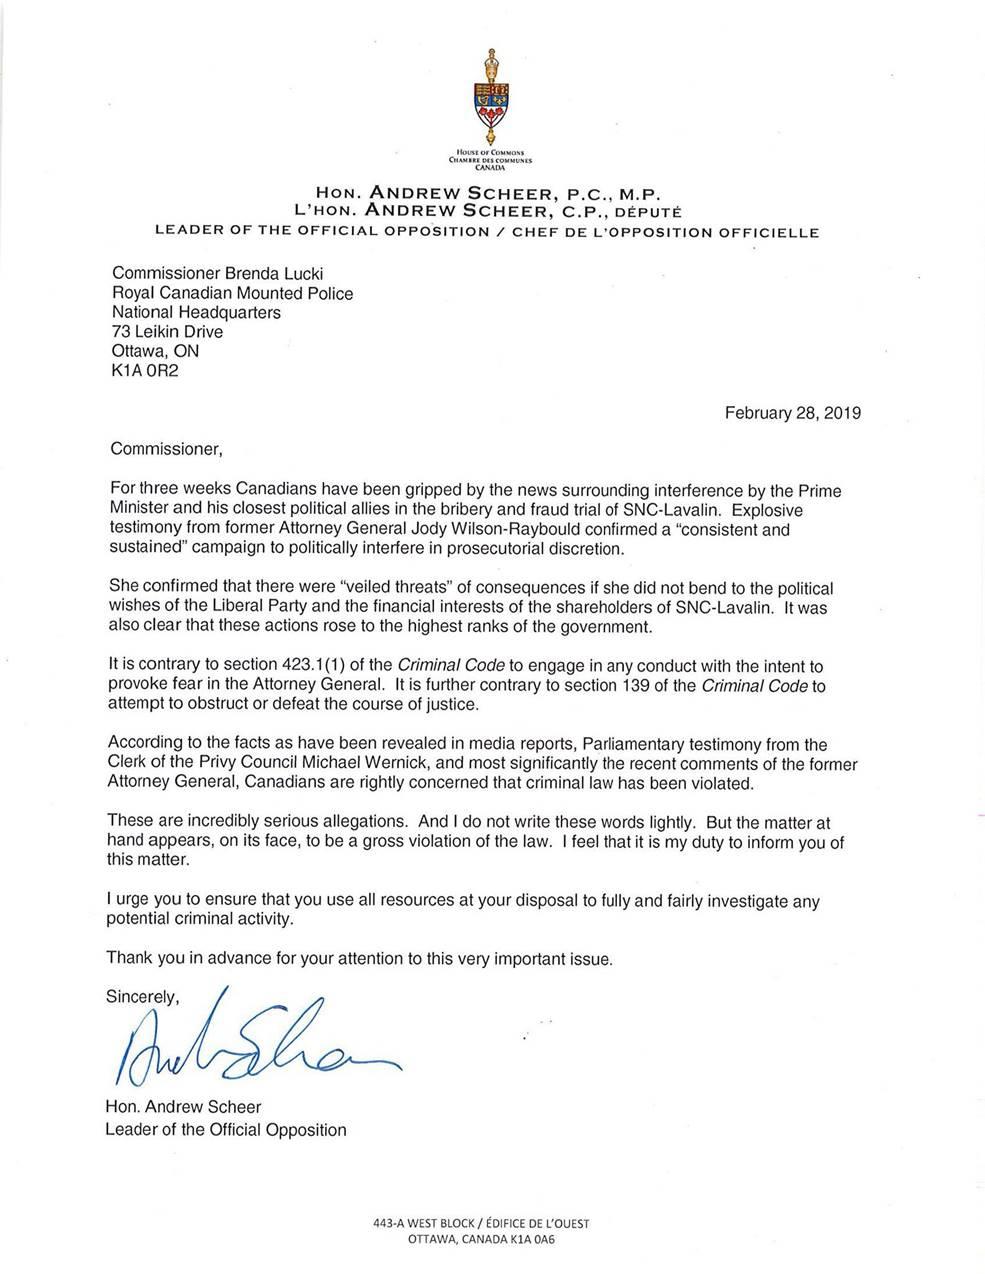 Emergency House debate held over SNC-Lavalin scandal